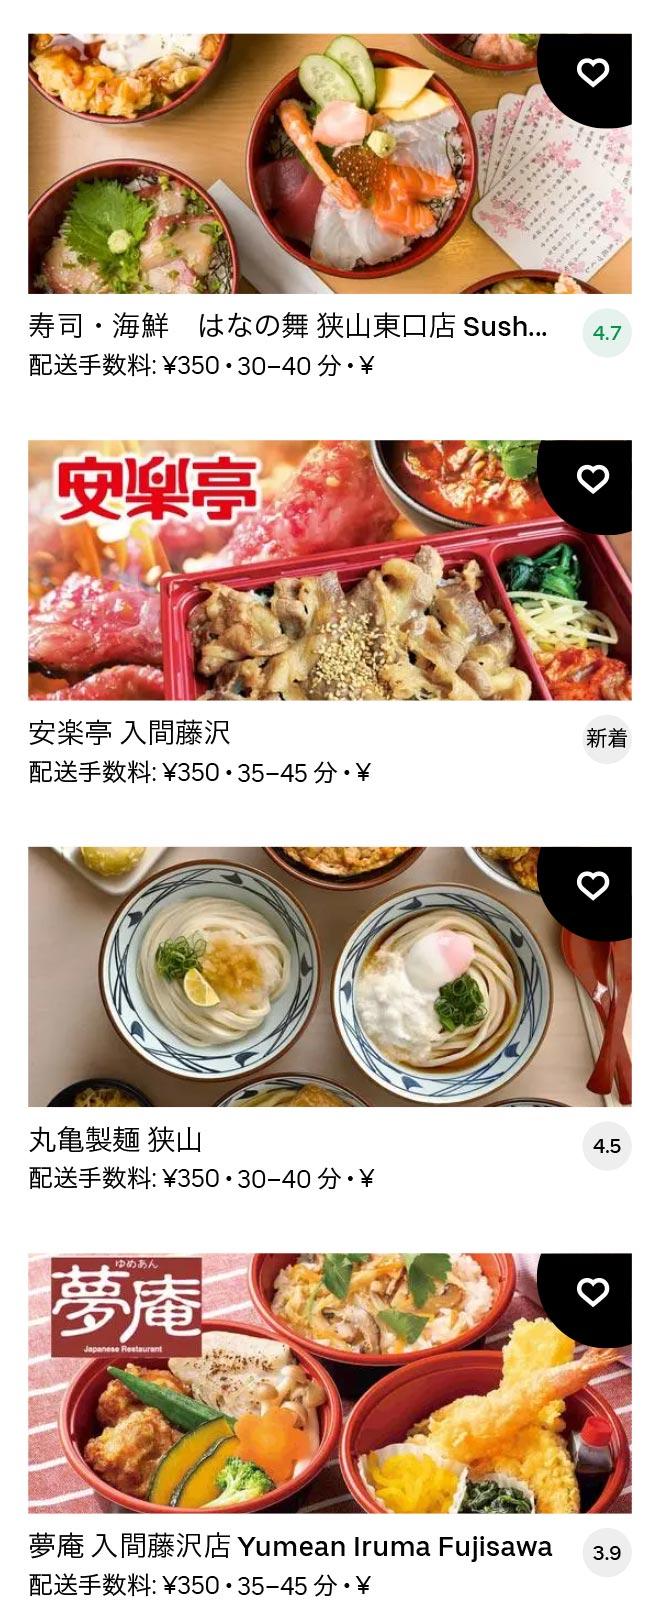 Iriso menu 2102 12